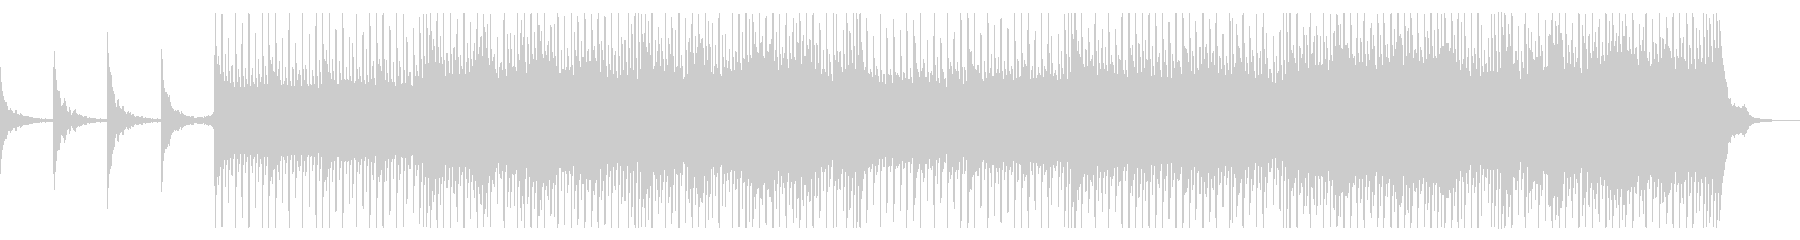 ディスコ レトロ シンセサイザー ...の未再生の波形